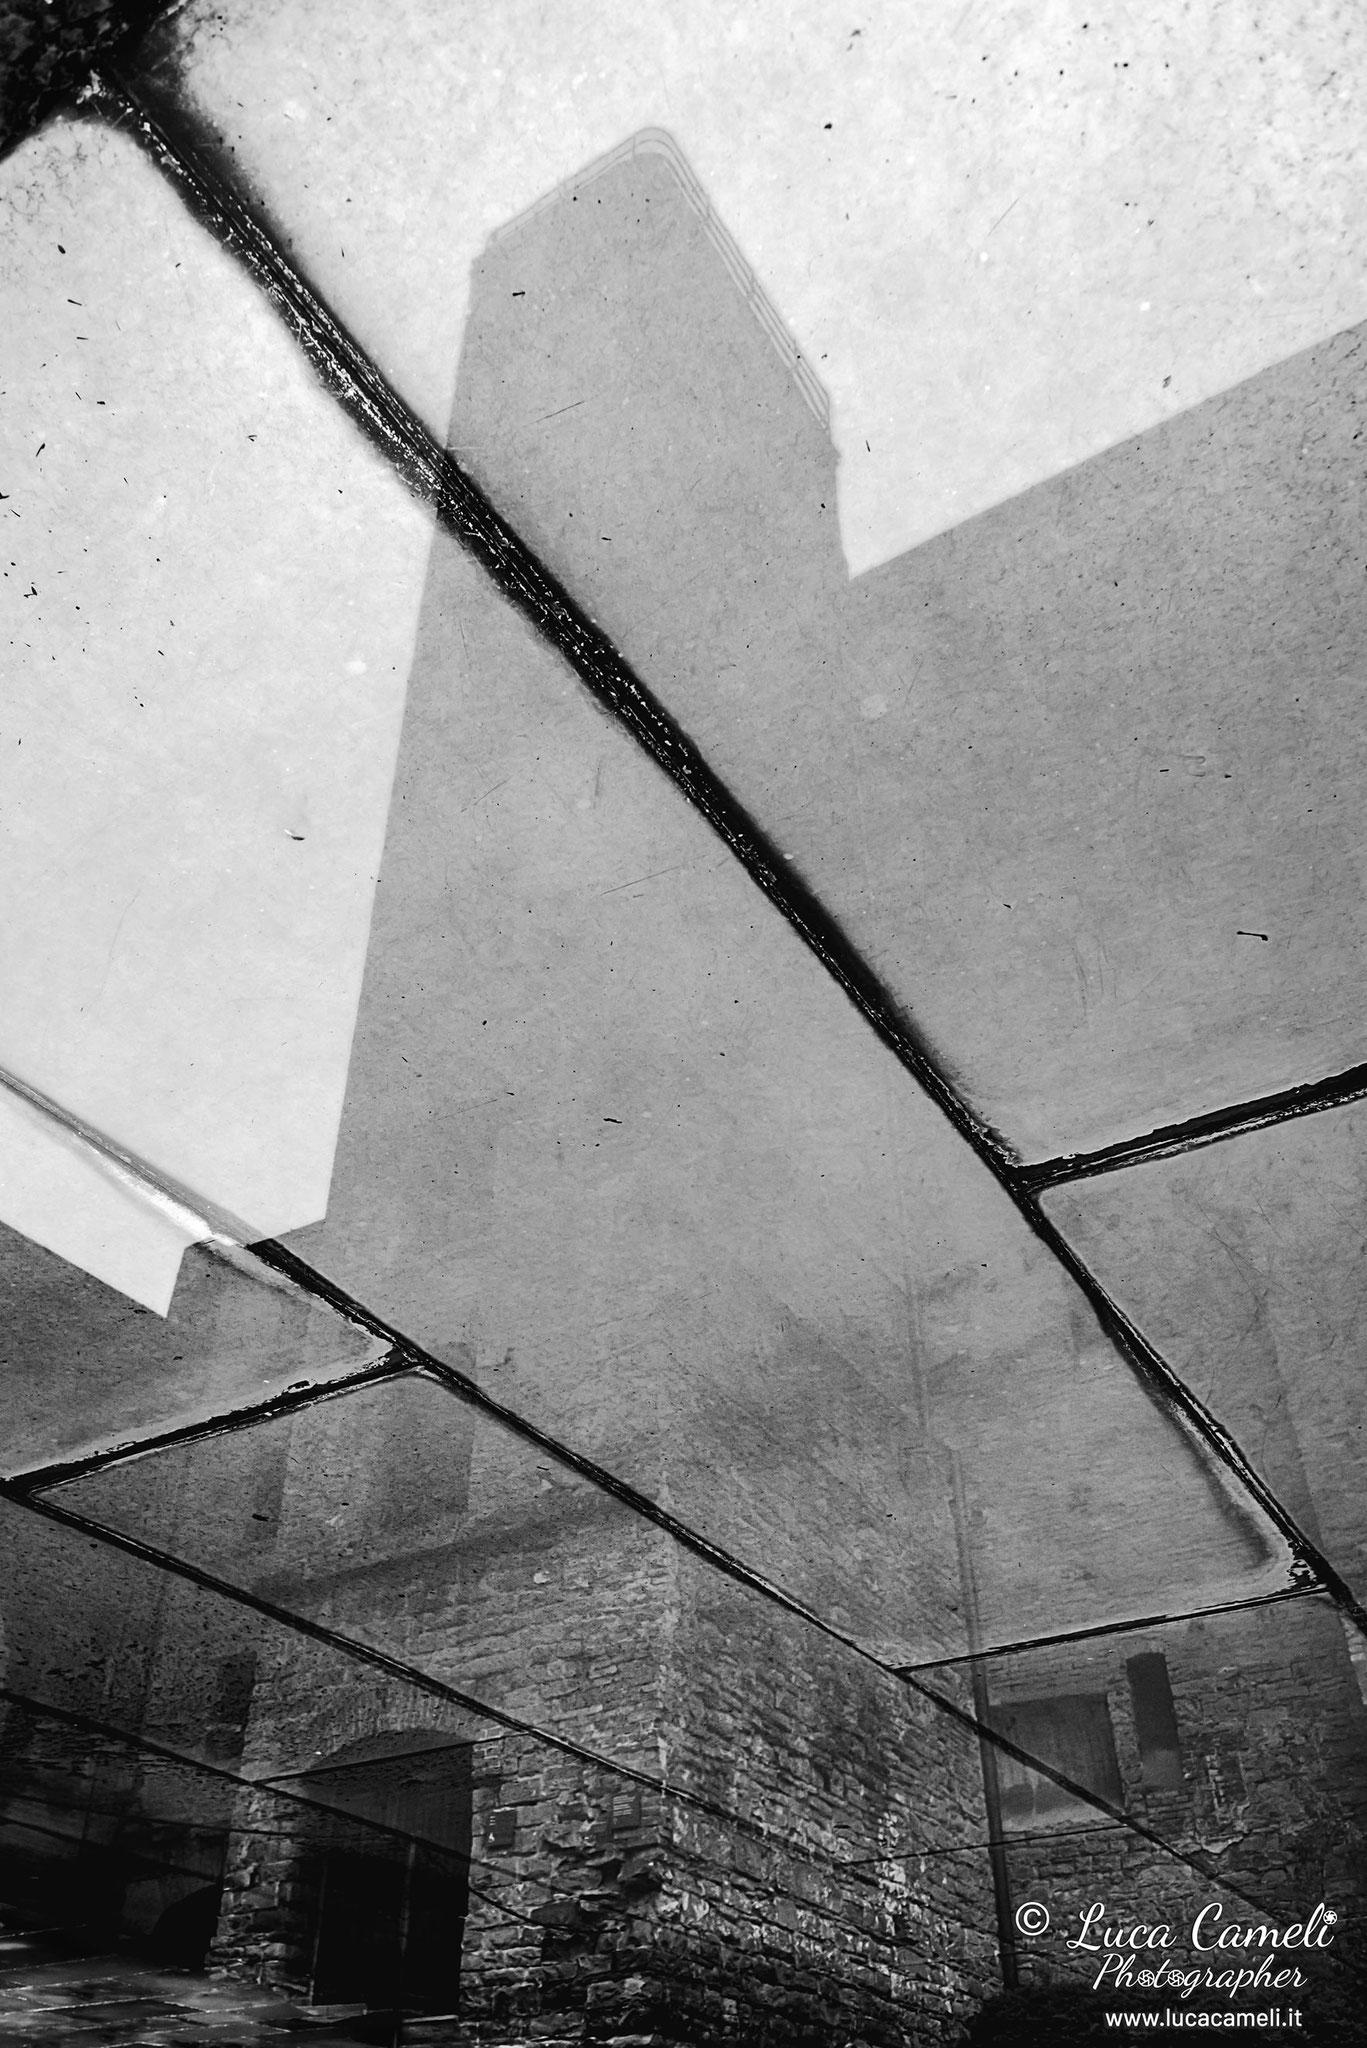 Impronta Nella Memoria, Risiera di San Sabba. Festival DeSidera 2021, Trieste. © Luca Cameli Photographer